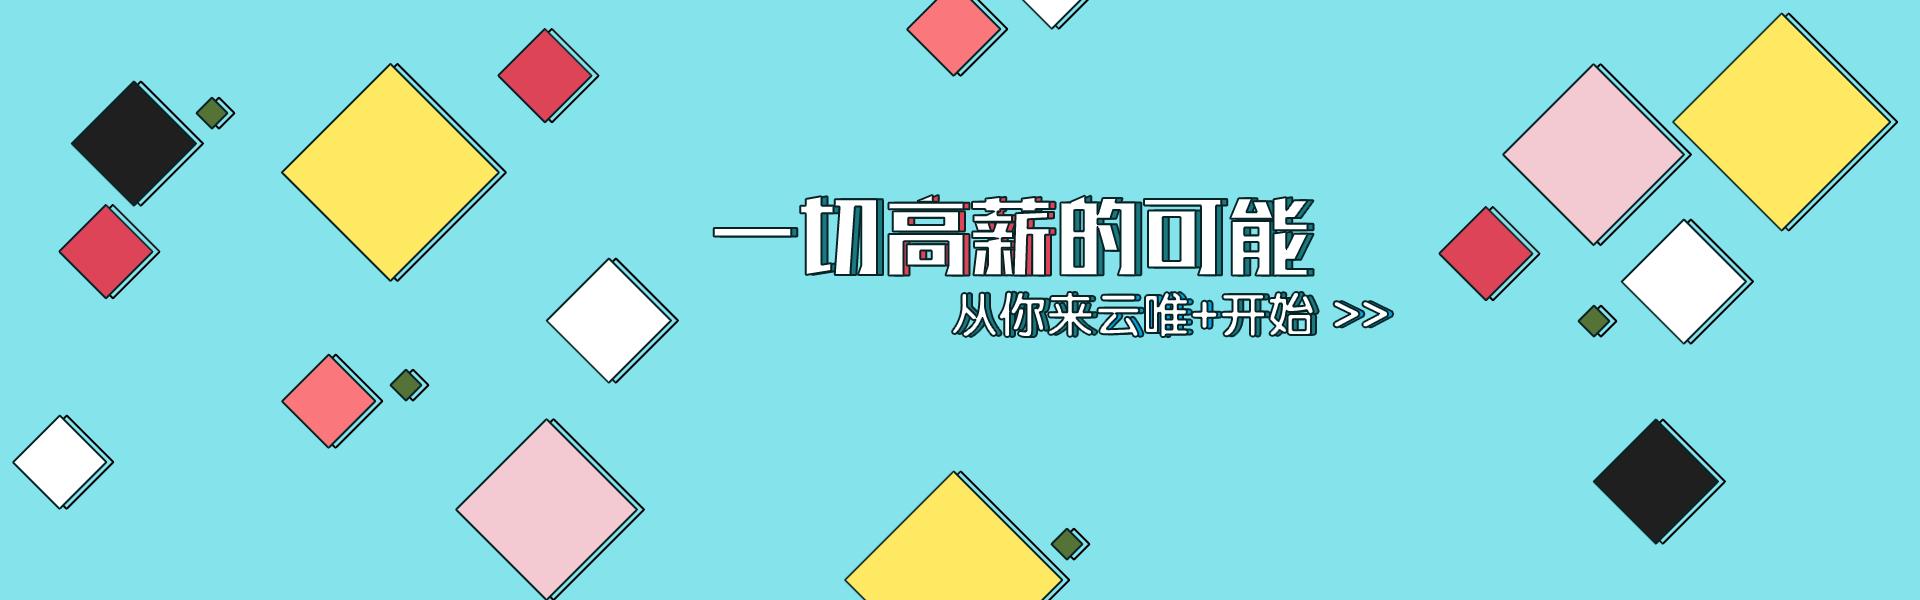 云唯+合作